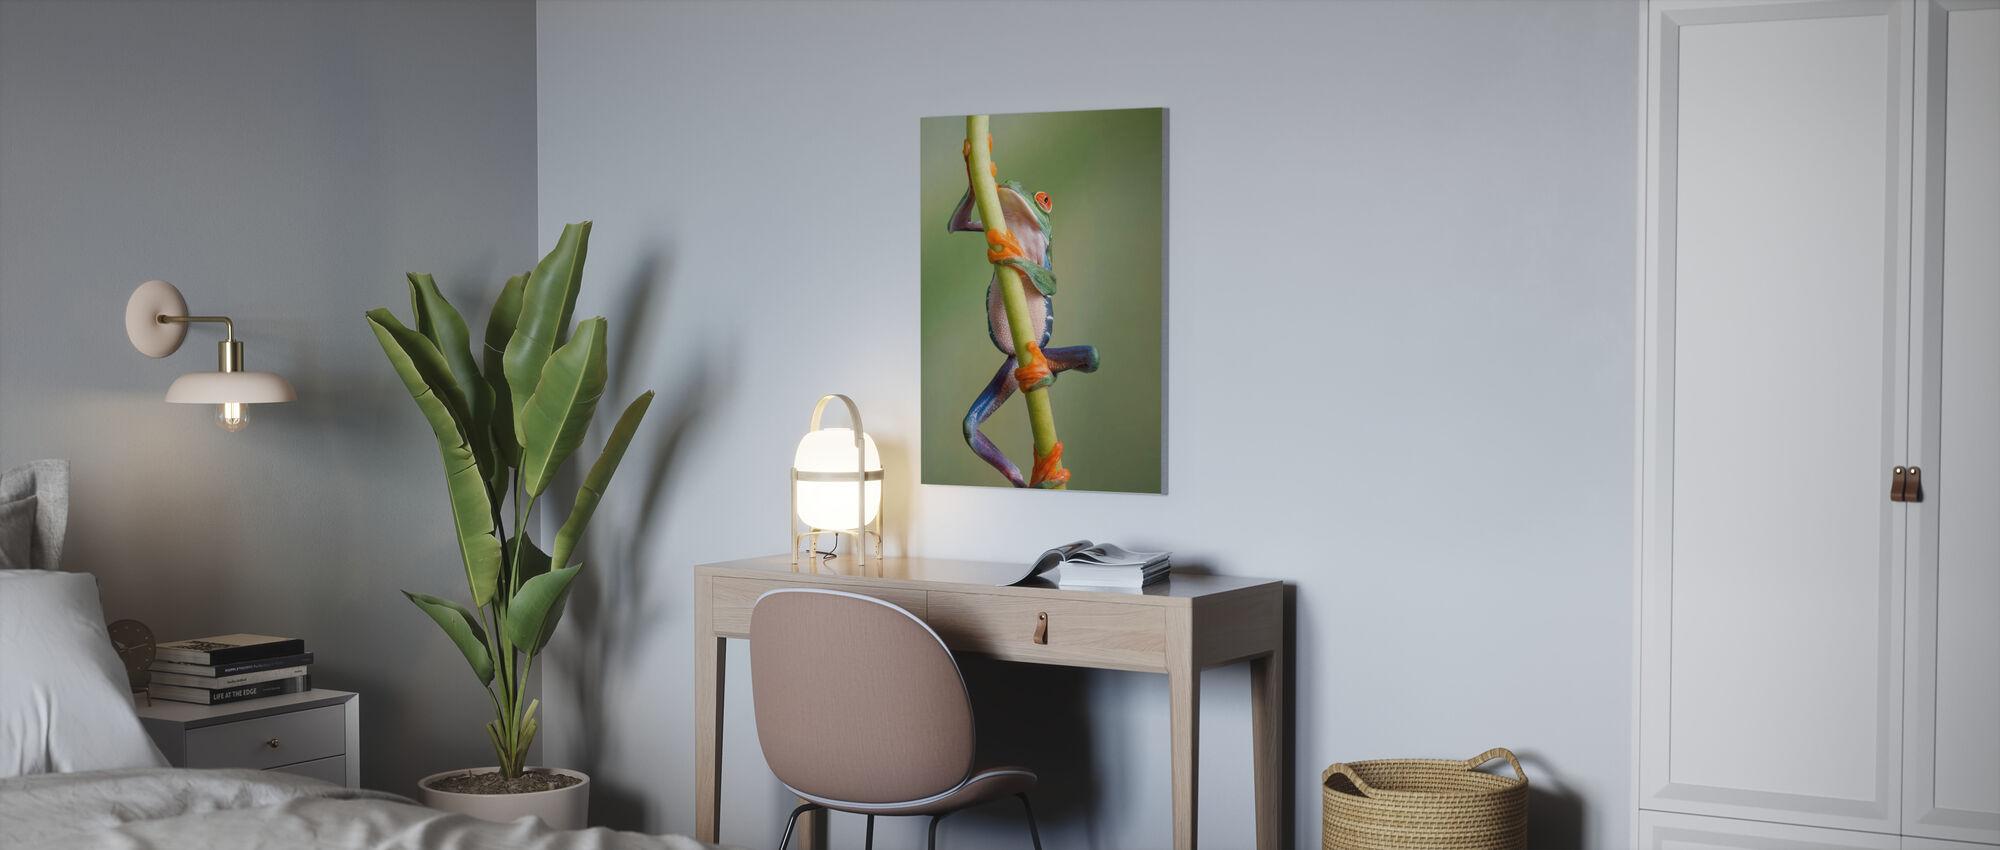 Ascending - Canvas print - Office